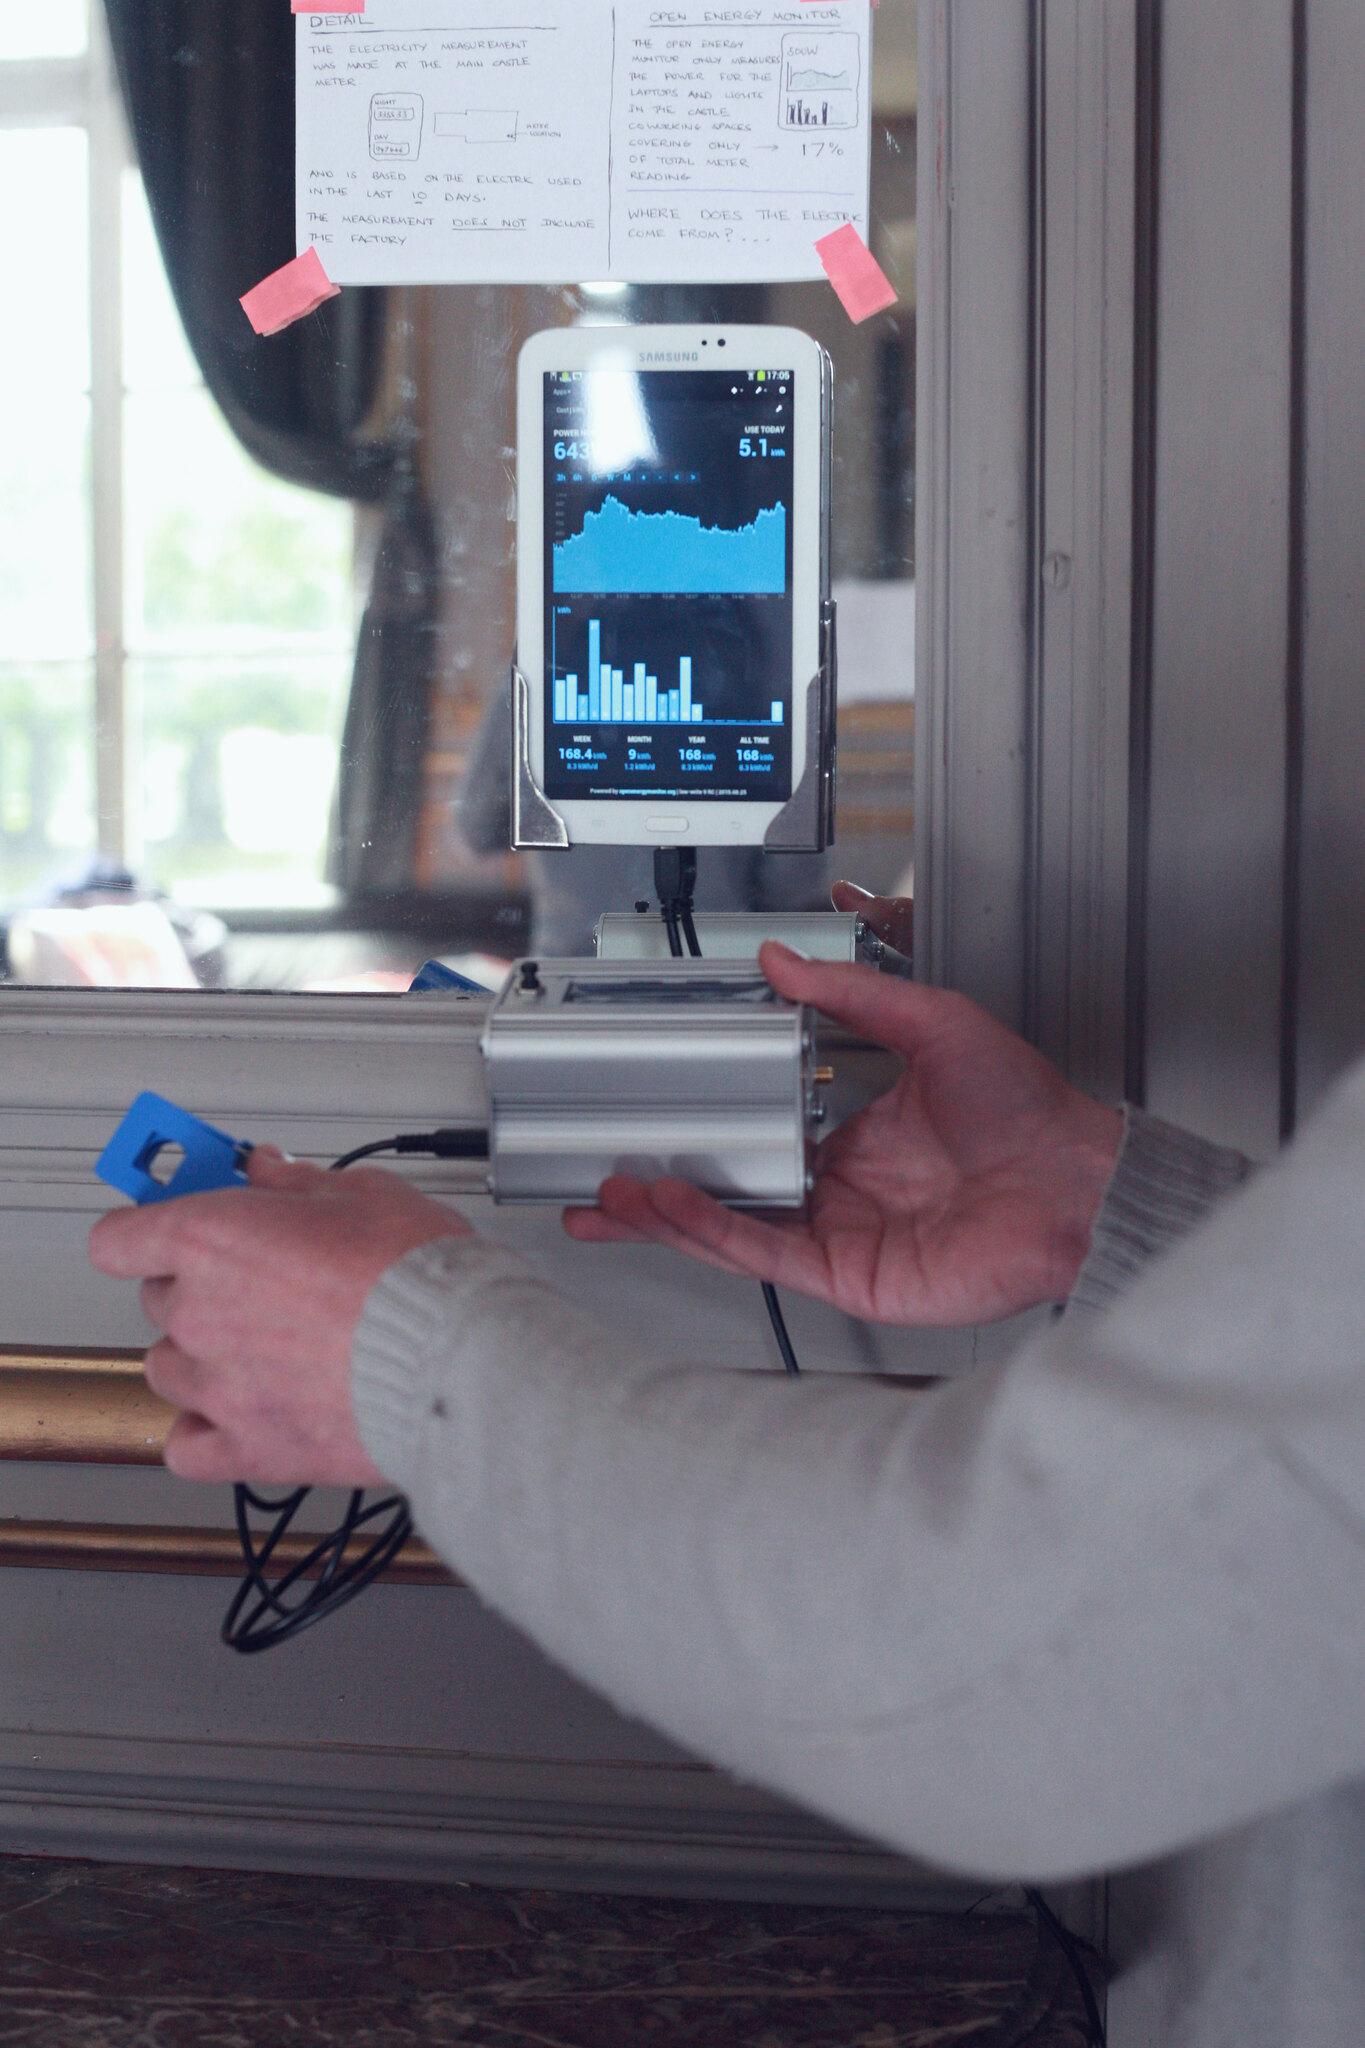 OpenEnergyMonitor ist ein Open Source Gerät zur Überwachung der Stromverbrauchs.